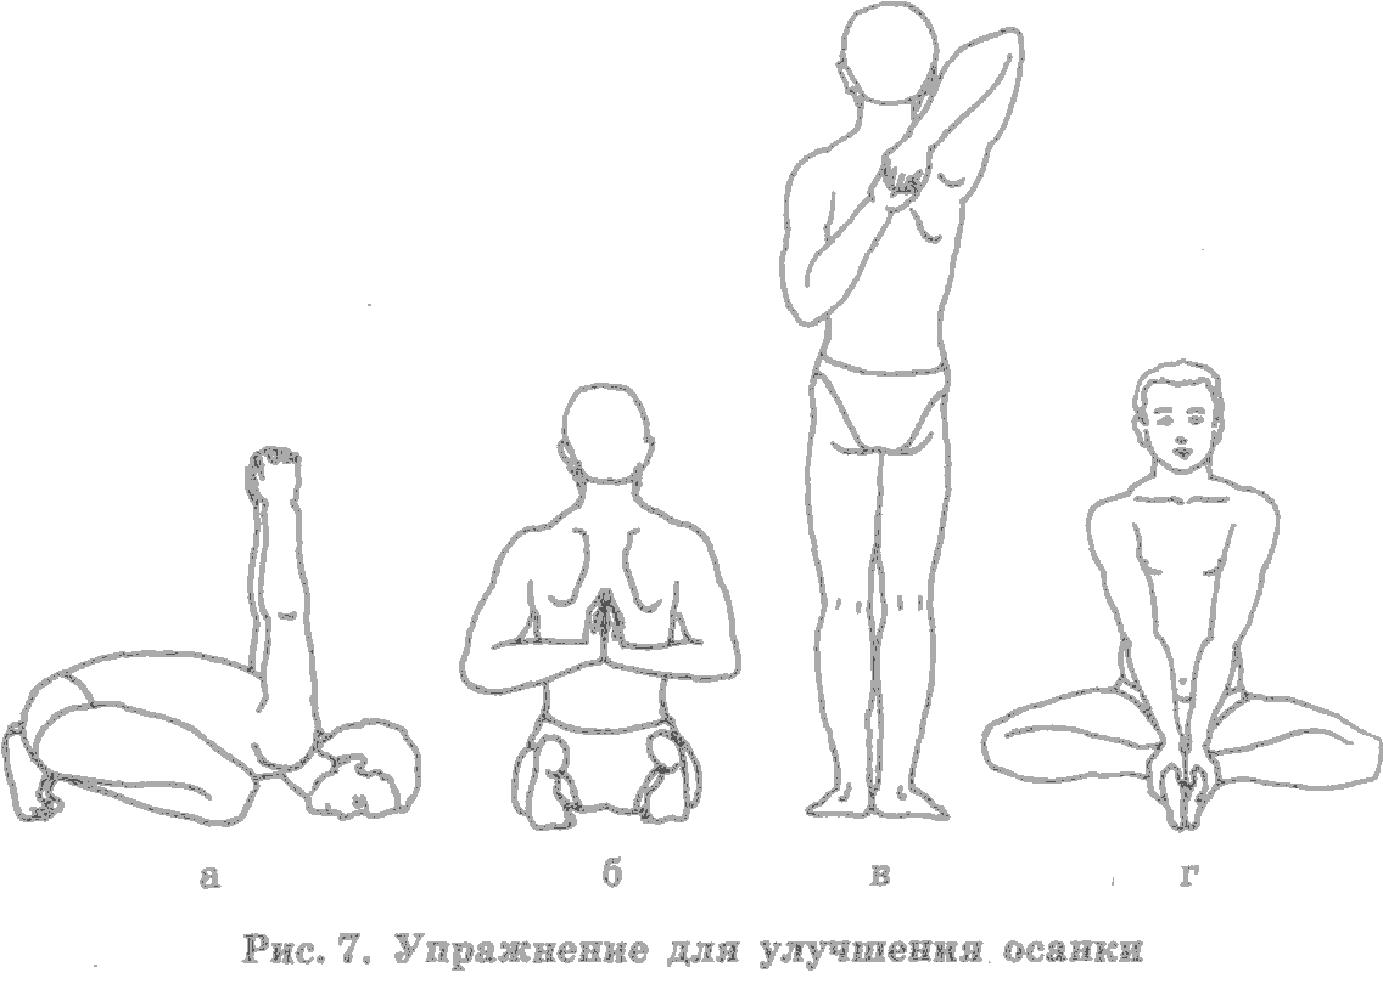 Упражнения как сделать осанку